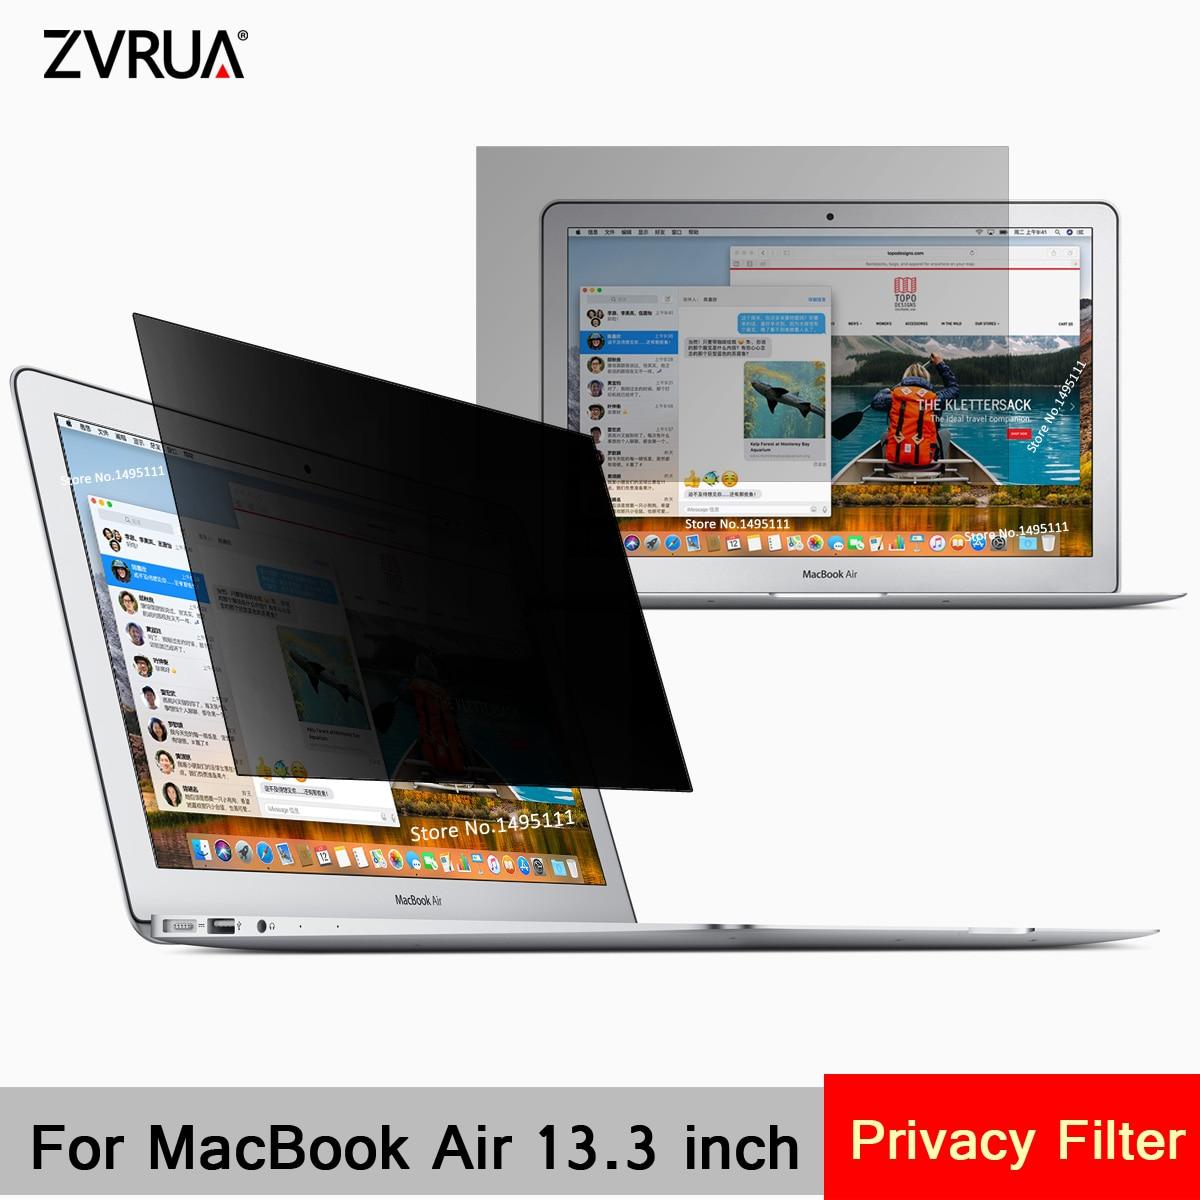 Für Apple Macbook Air 13,3 Zoll (286mm * 179mm) Privatsphäre Filter Laptop Notebook Anti-glare Screen Protector Schutz Film Einen Einzigartigen Nationalen Stil Haben